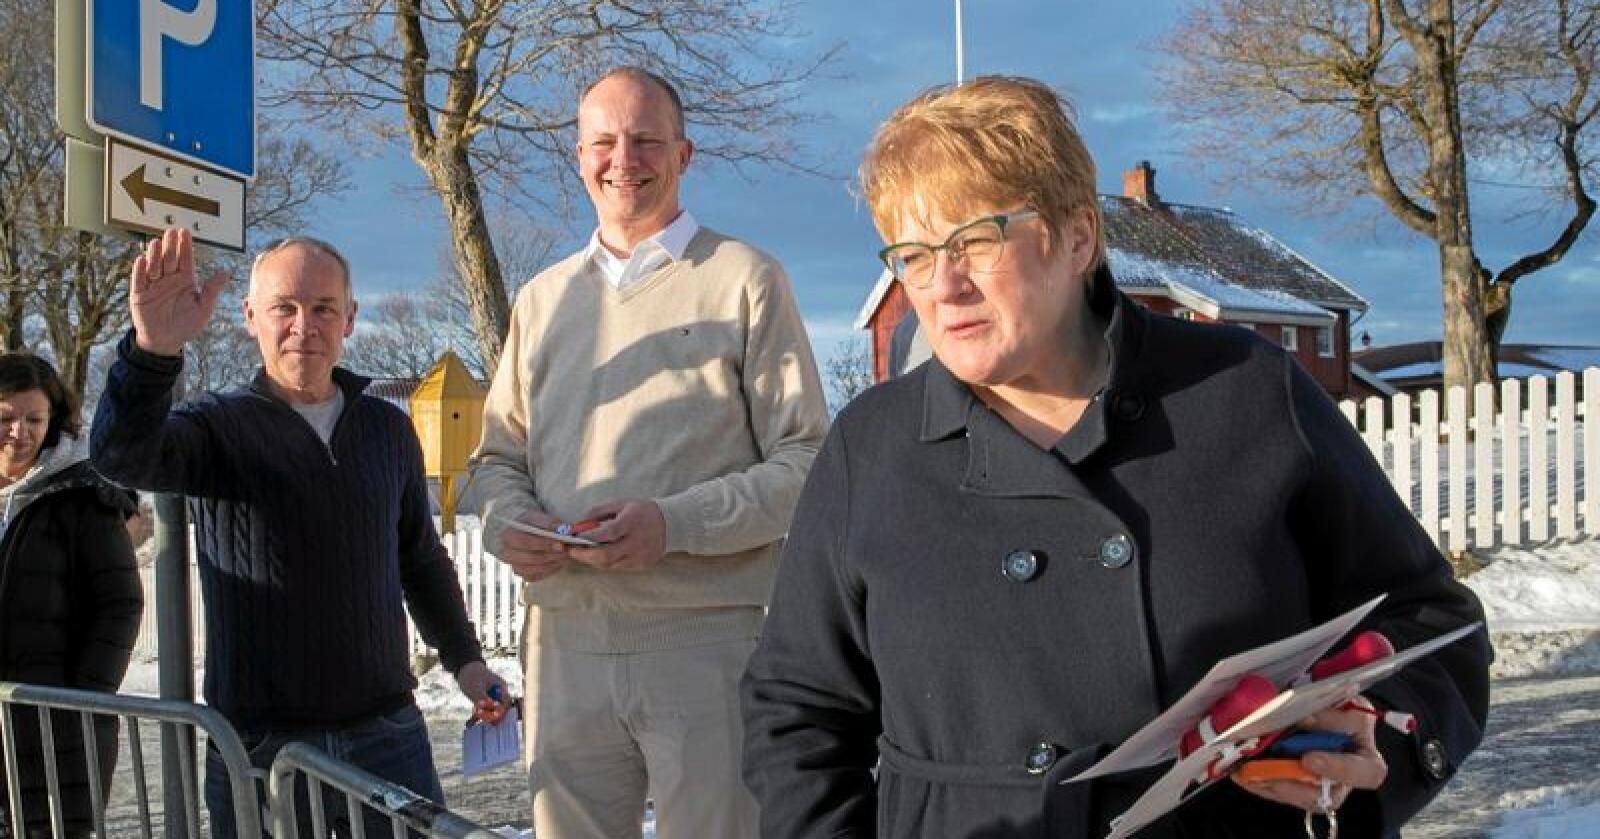 Høyres nestleder Jan Tore Sanner, nestleder i Frp Ketil Solvik-Olsen og Venstre leder Trine Skei Grande  på Granavolden Gjæstegiveri. Foto: Vidar Ruud / NTB scanpix